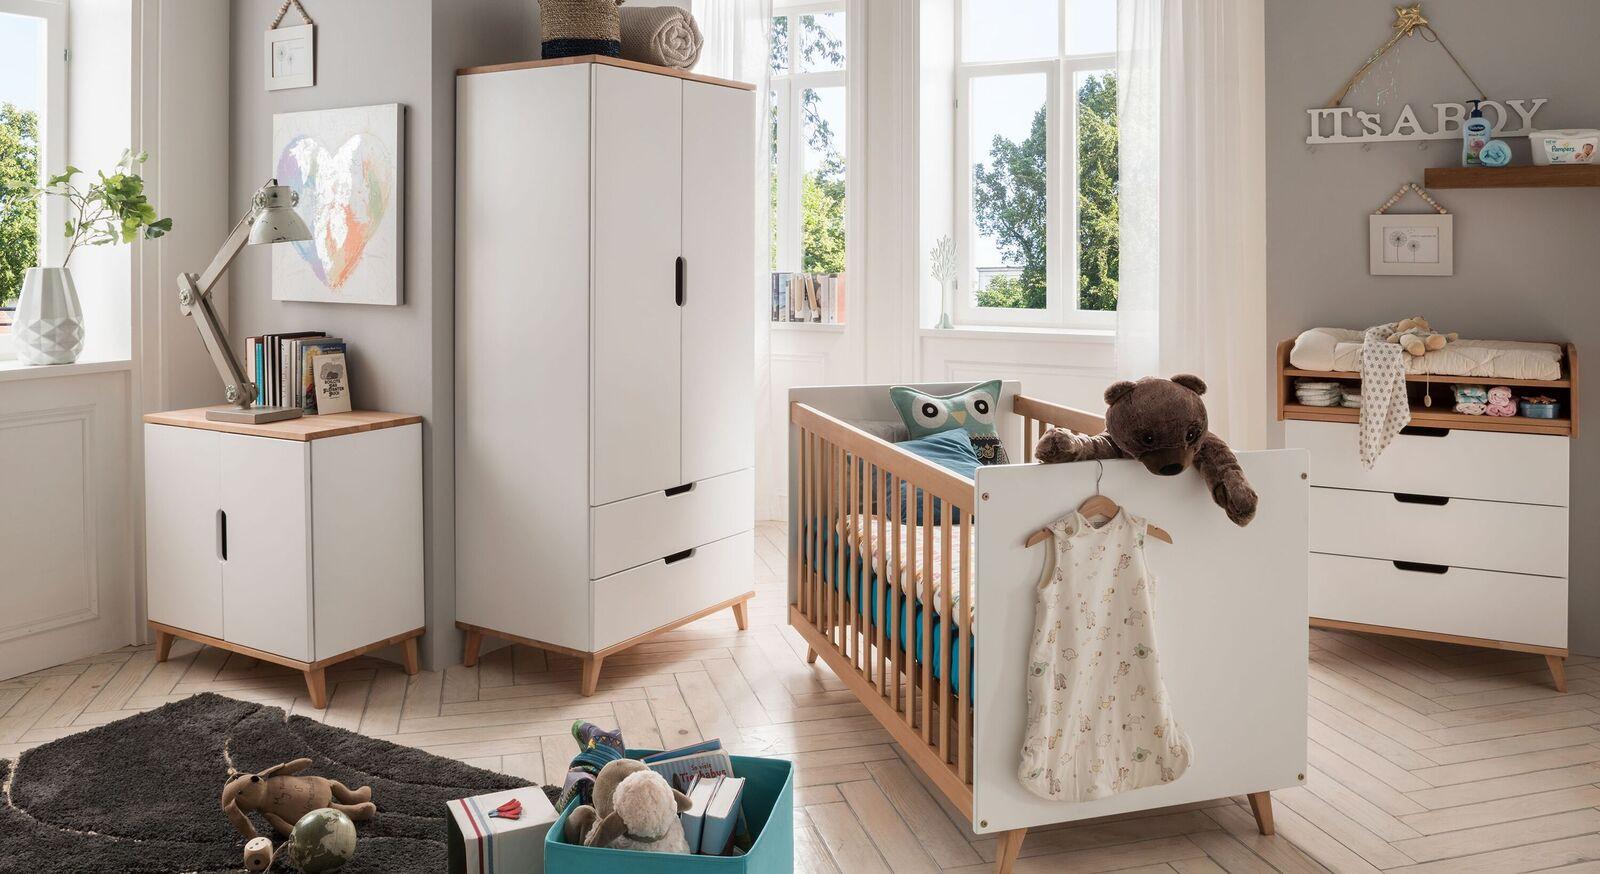 Babybett Kids Nordic mit passender Babyzimmer-Einrichtung